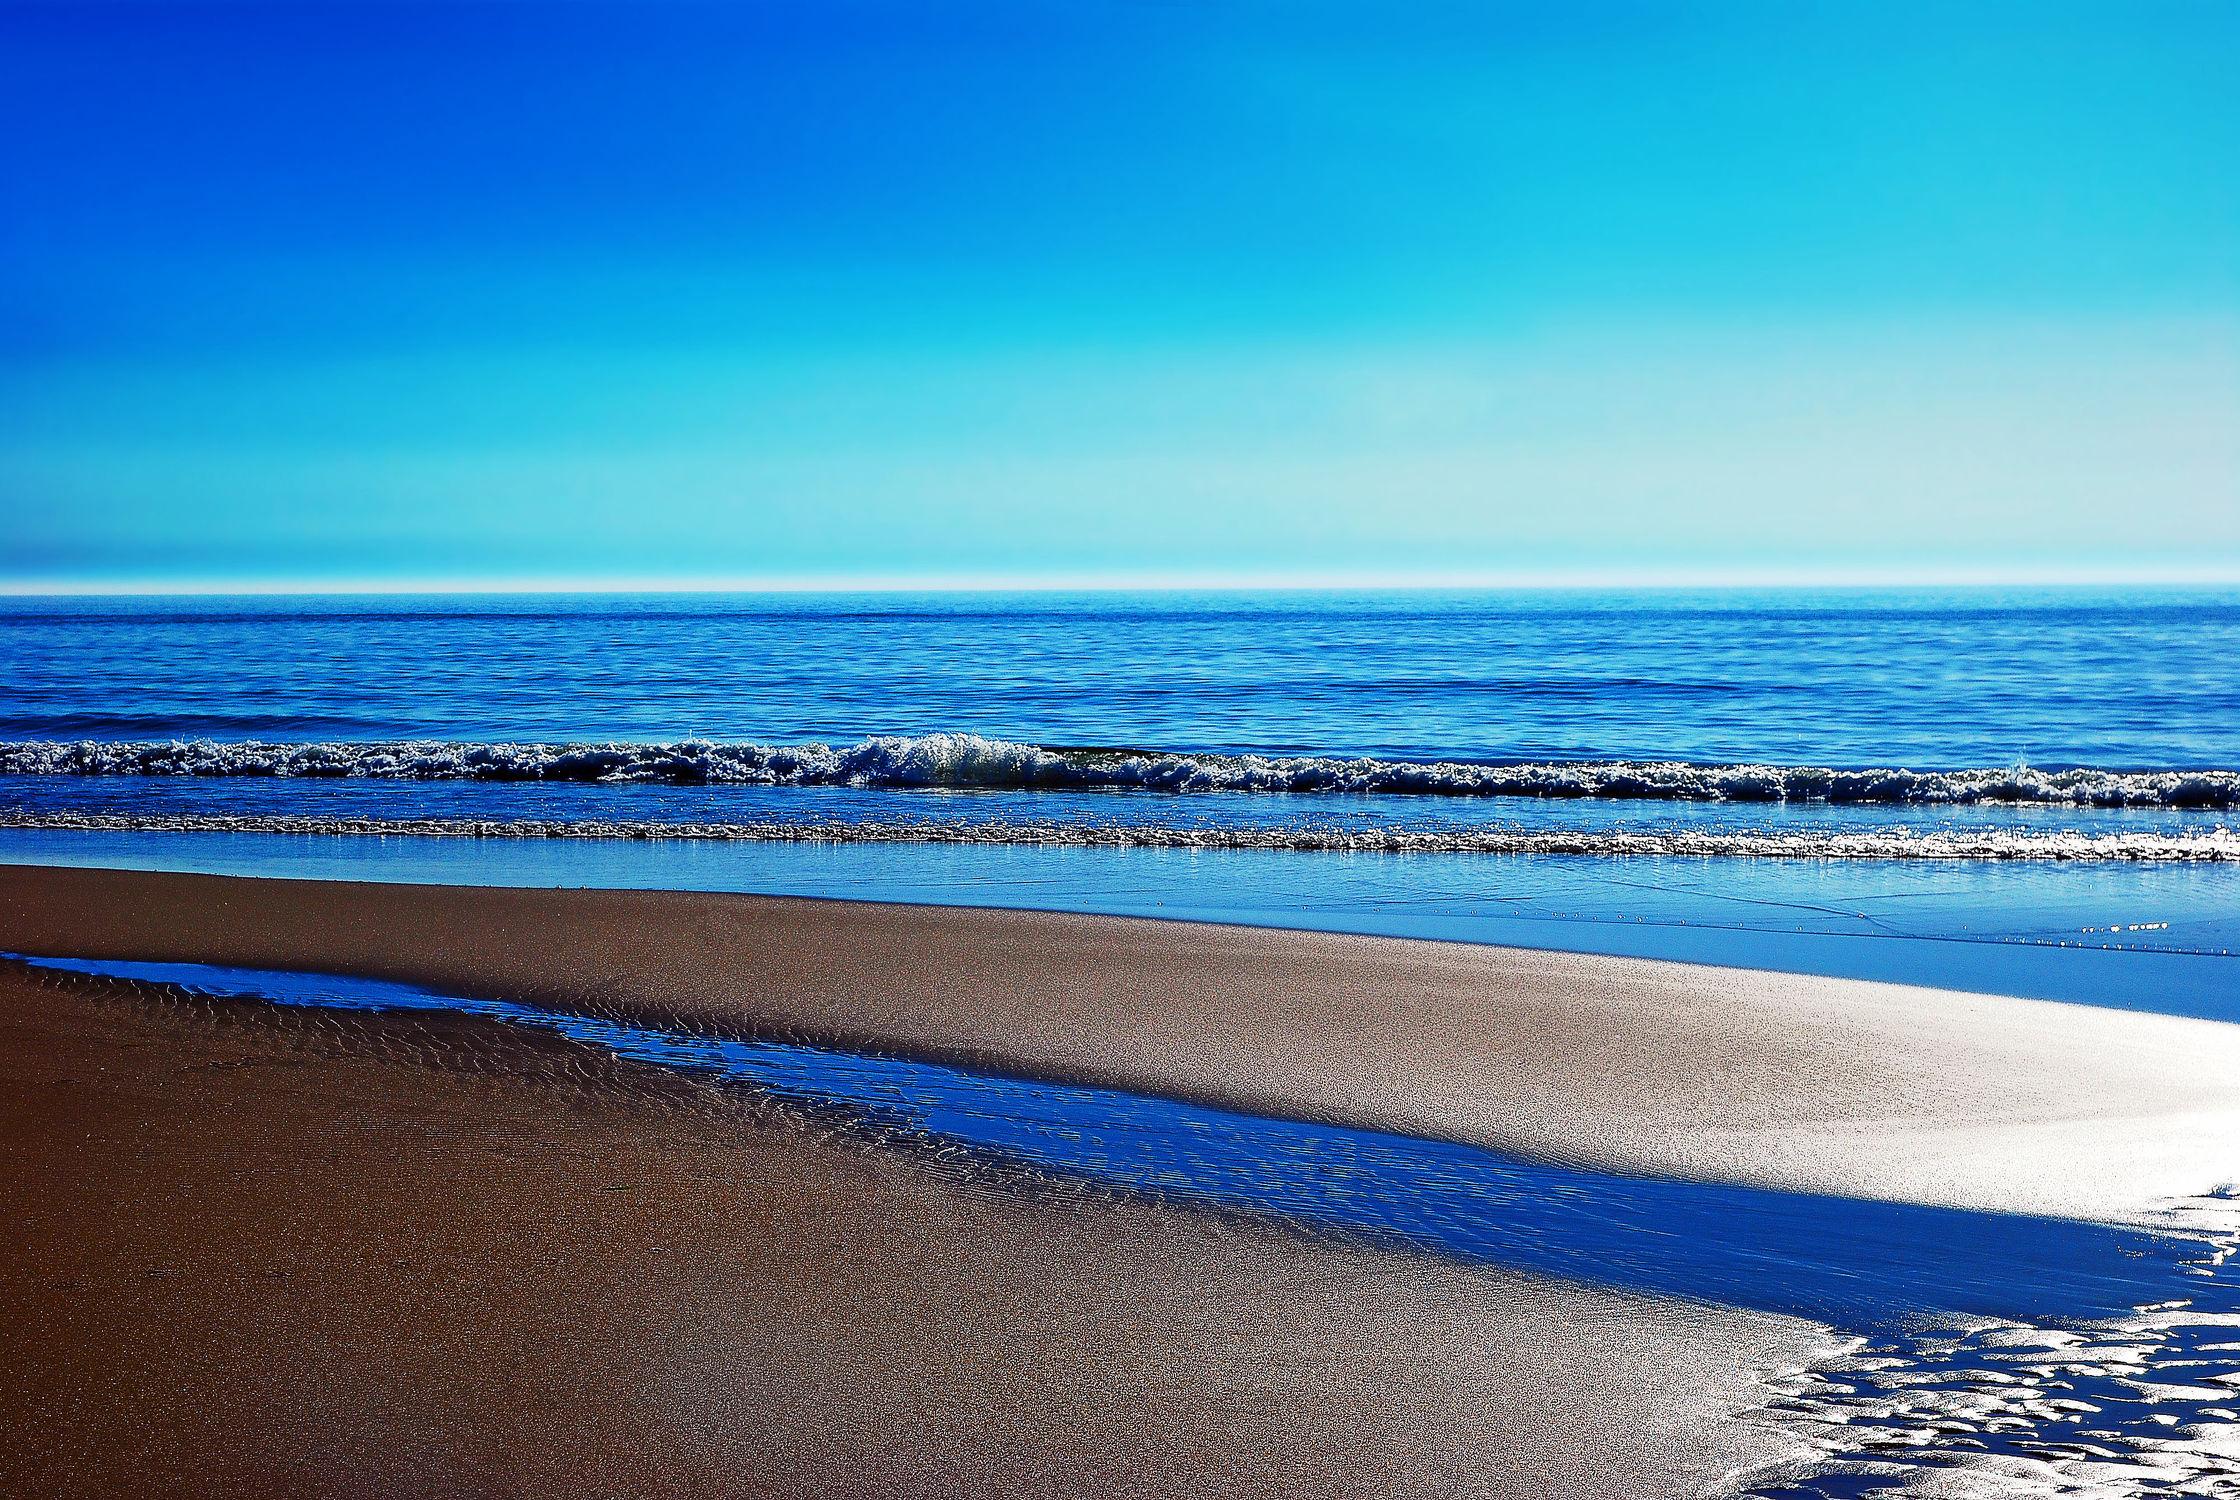 Bild mit Natur, Wasser, Gewässer, Meere, Strände, Wellen, Urlaub, Strand, Meer, Ocean, Nordsee, Am Meer, Abend am Meer, Reise, sea, seaside, ozean, nordfriesland